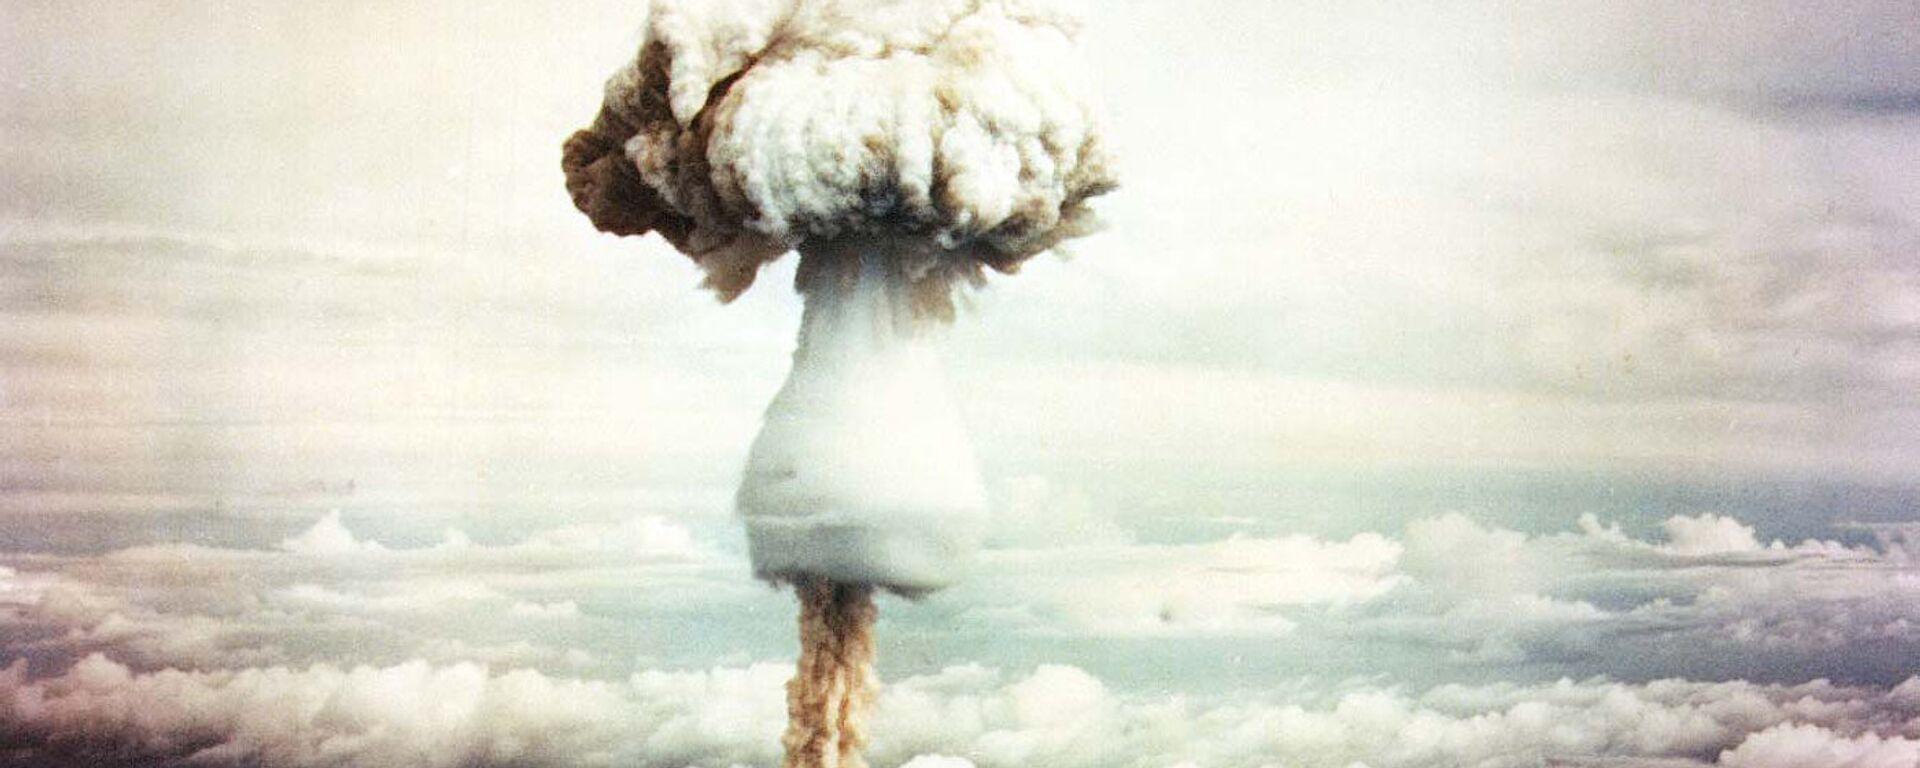 Испытания ядерного оружия - Sputnik Latvija, 1920, 26.05.2020